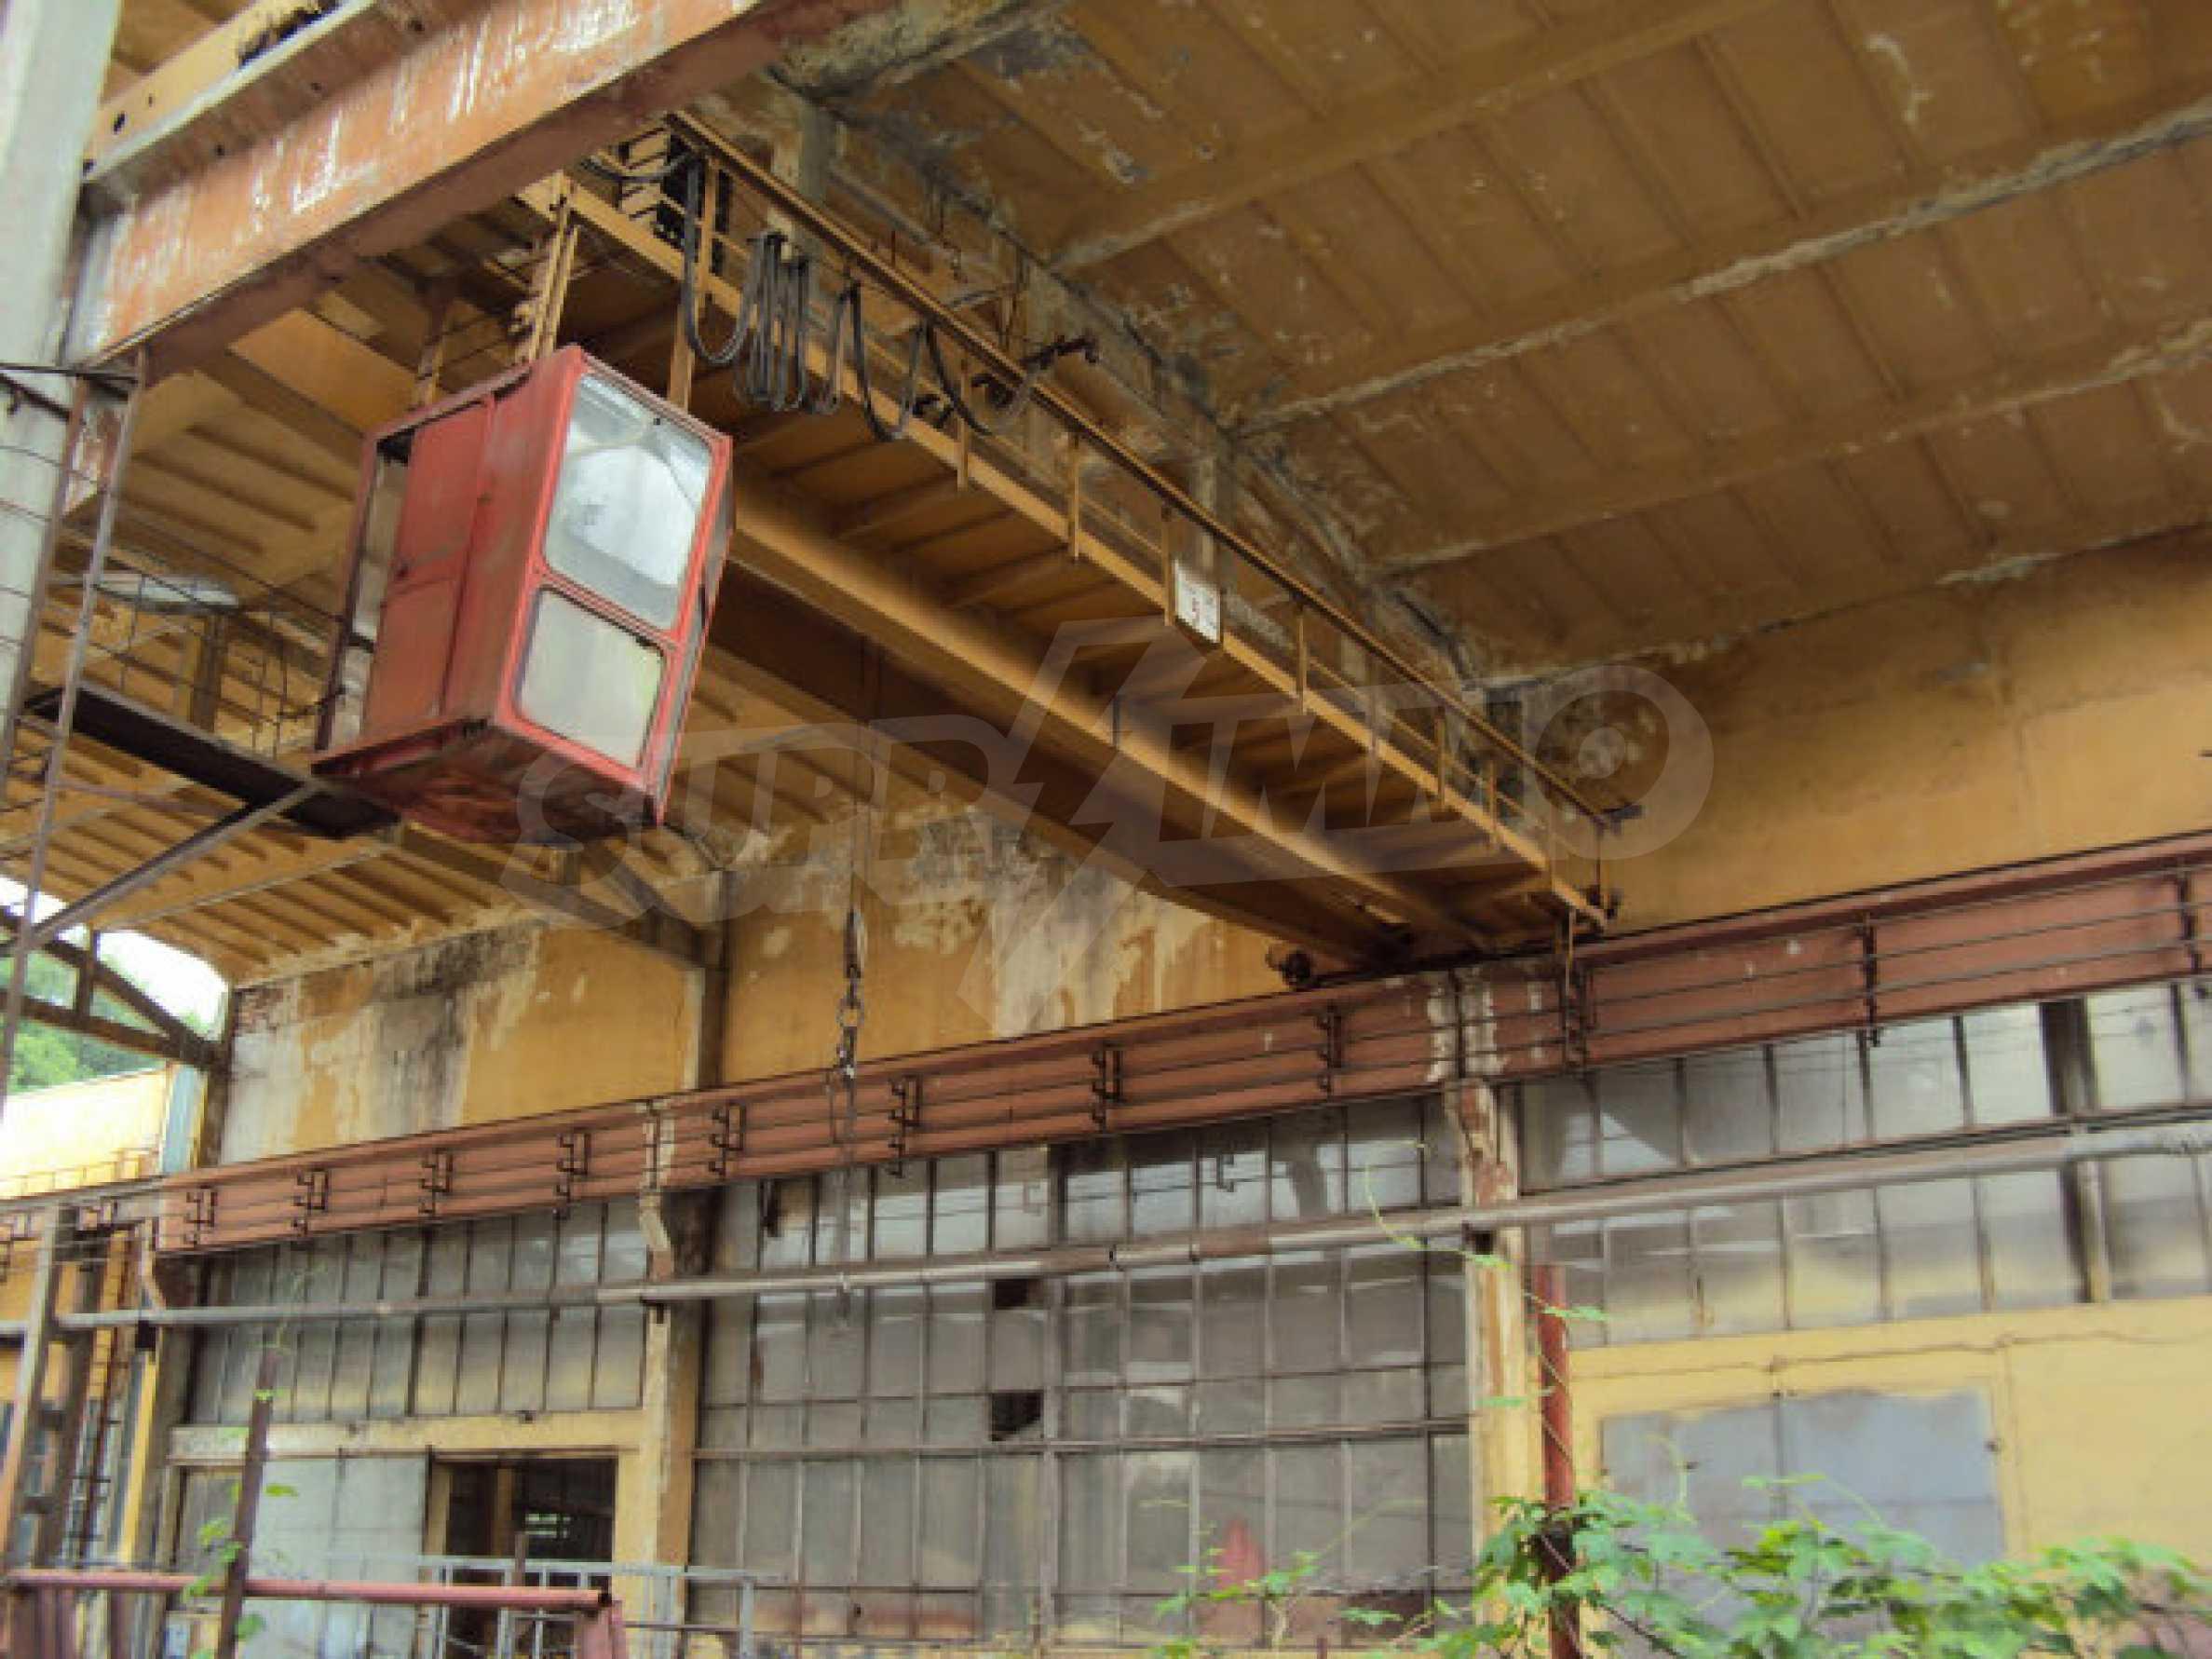 Factory for metal parts in Veliko Tarnovo 13